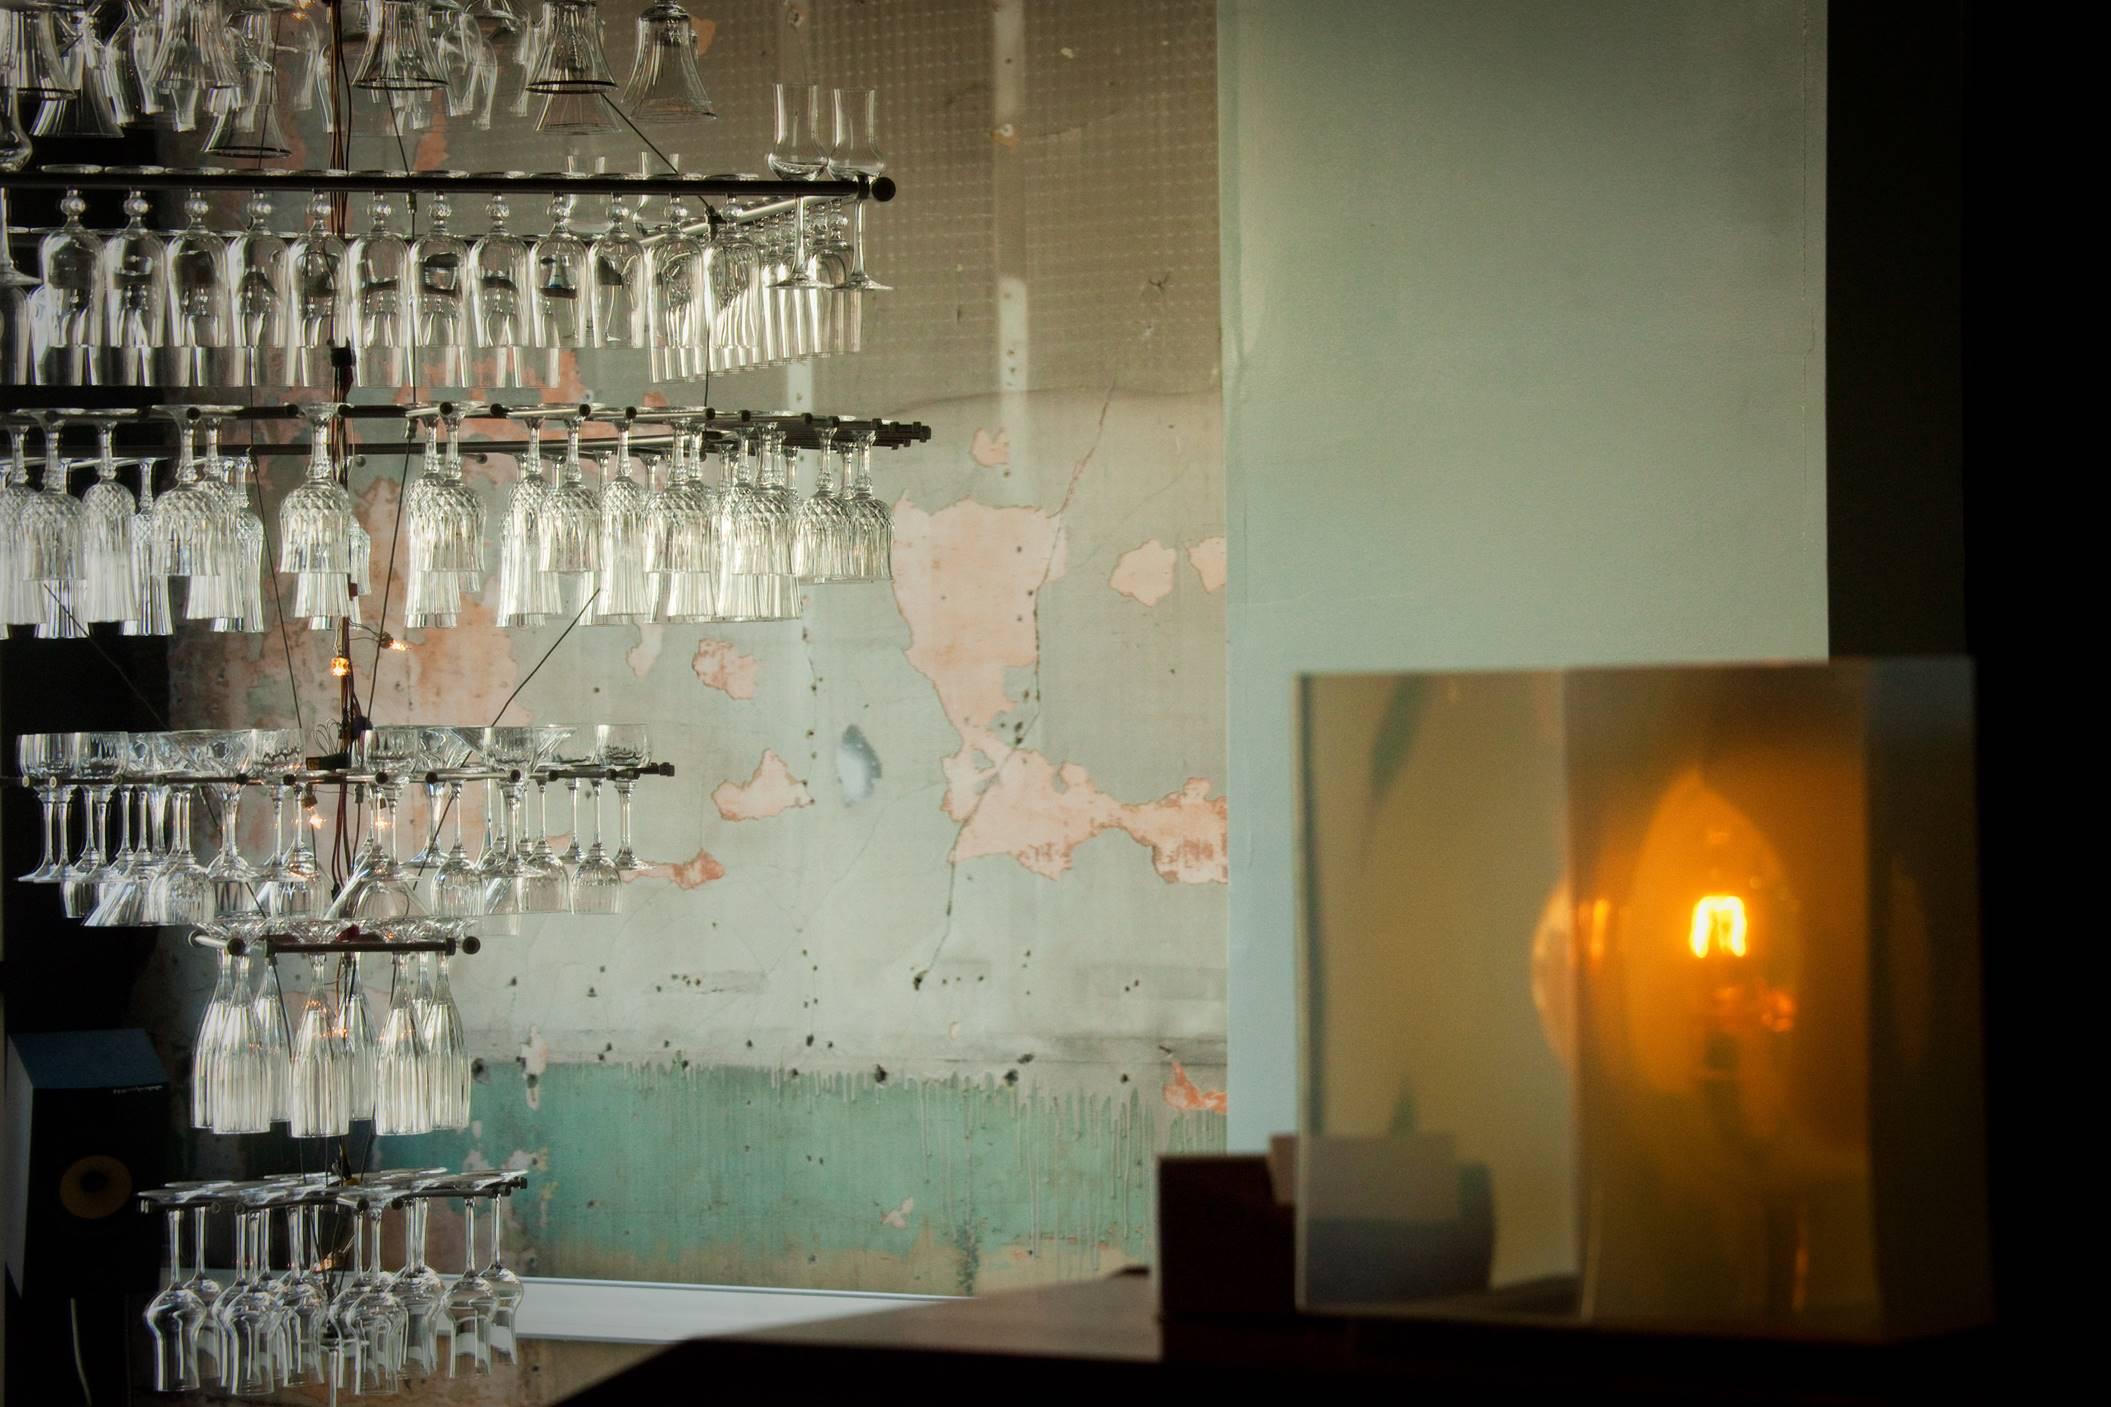 Montreal's Wine Bars